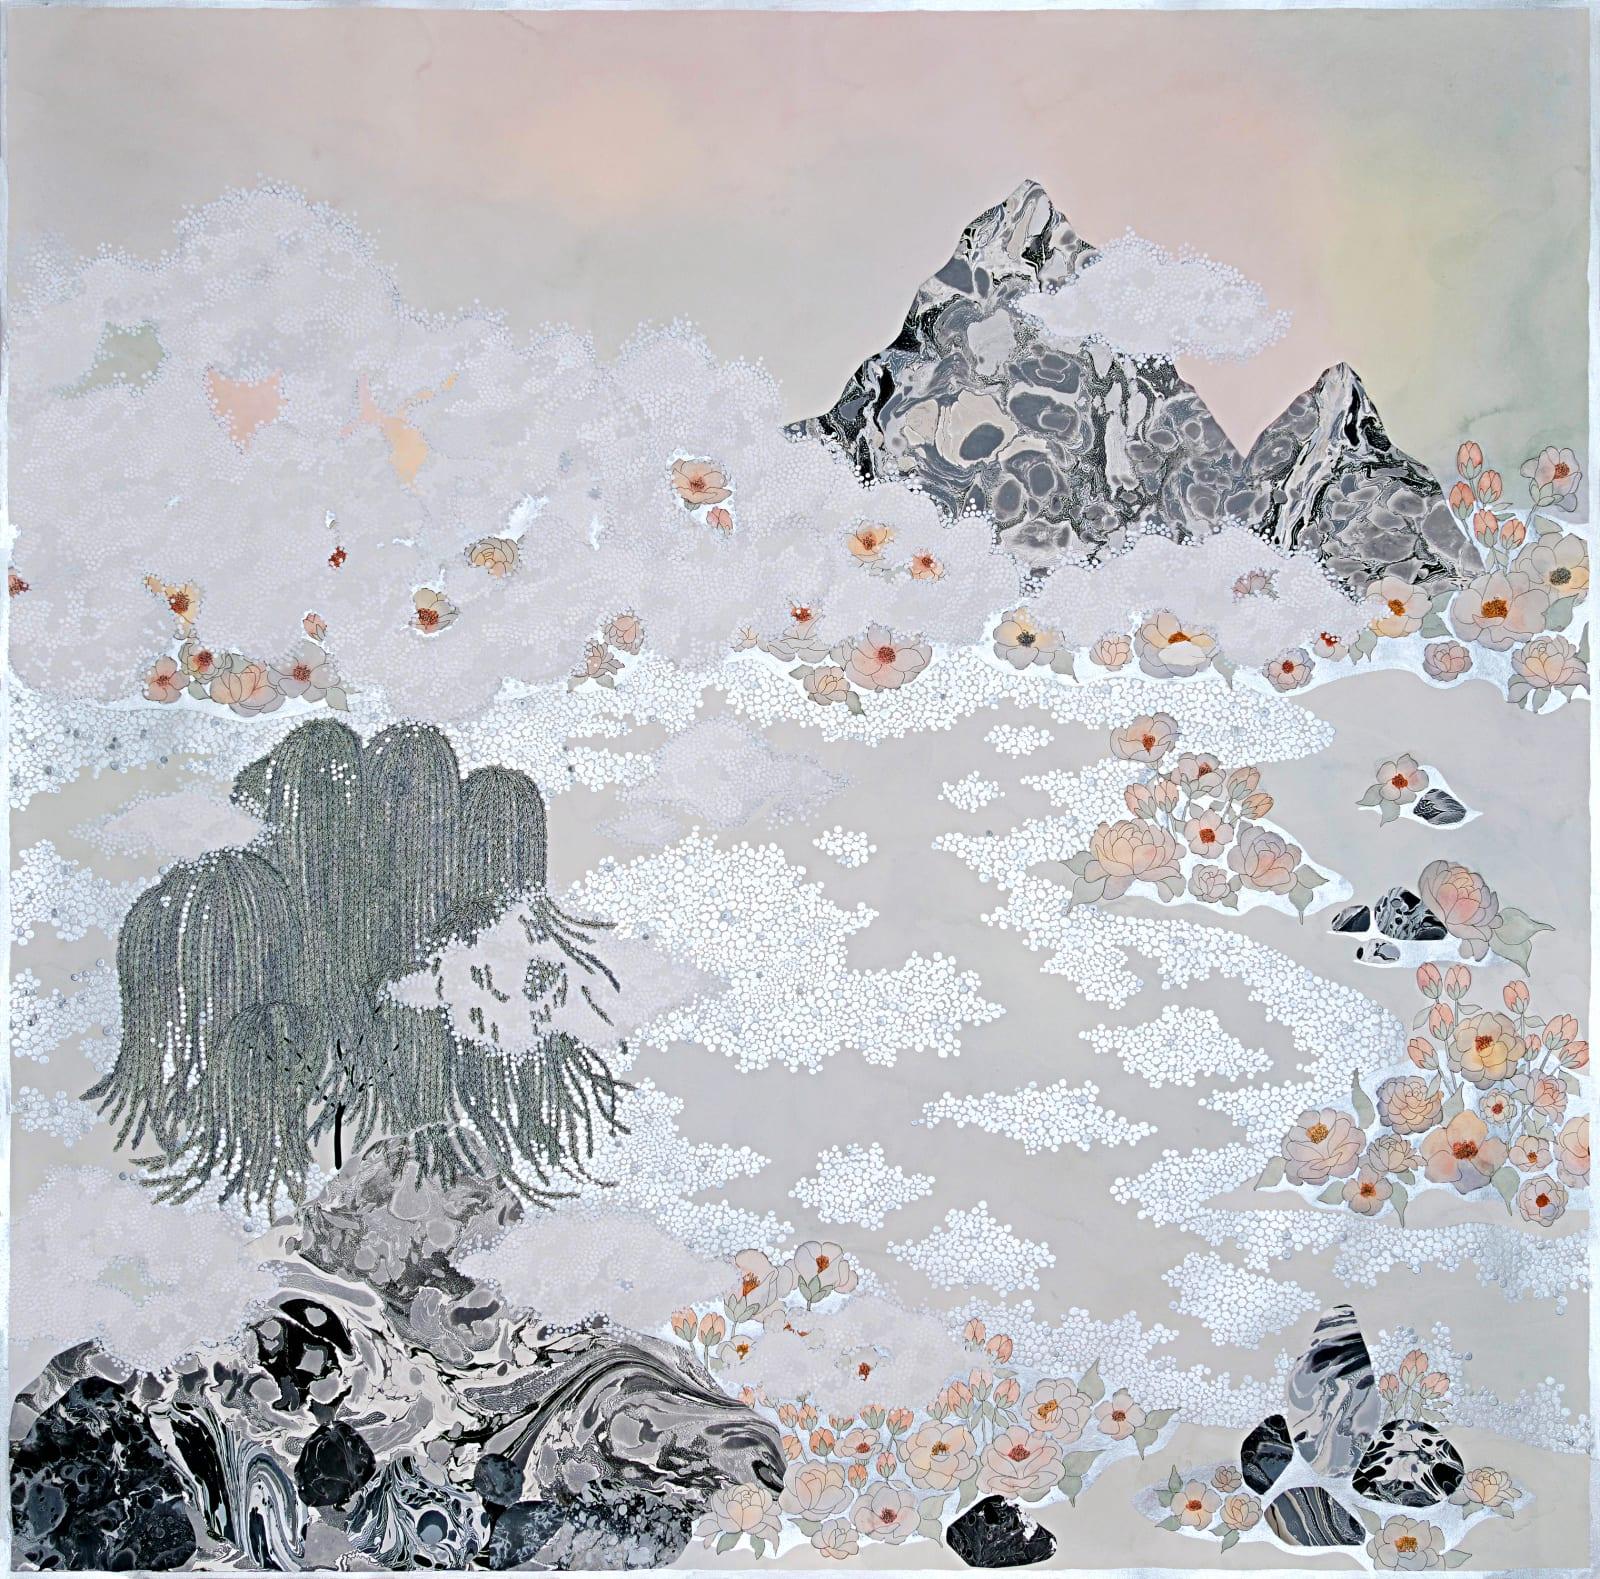 Crystal Liu, the fog, 'rolling in', 2019